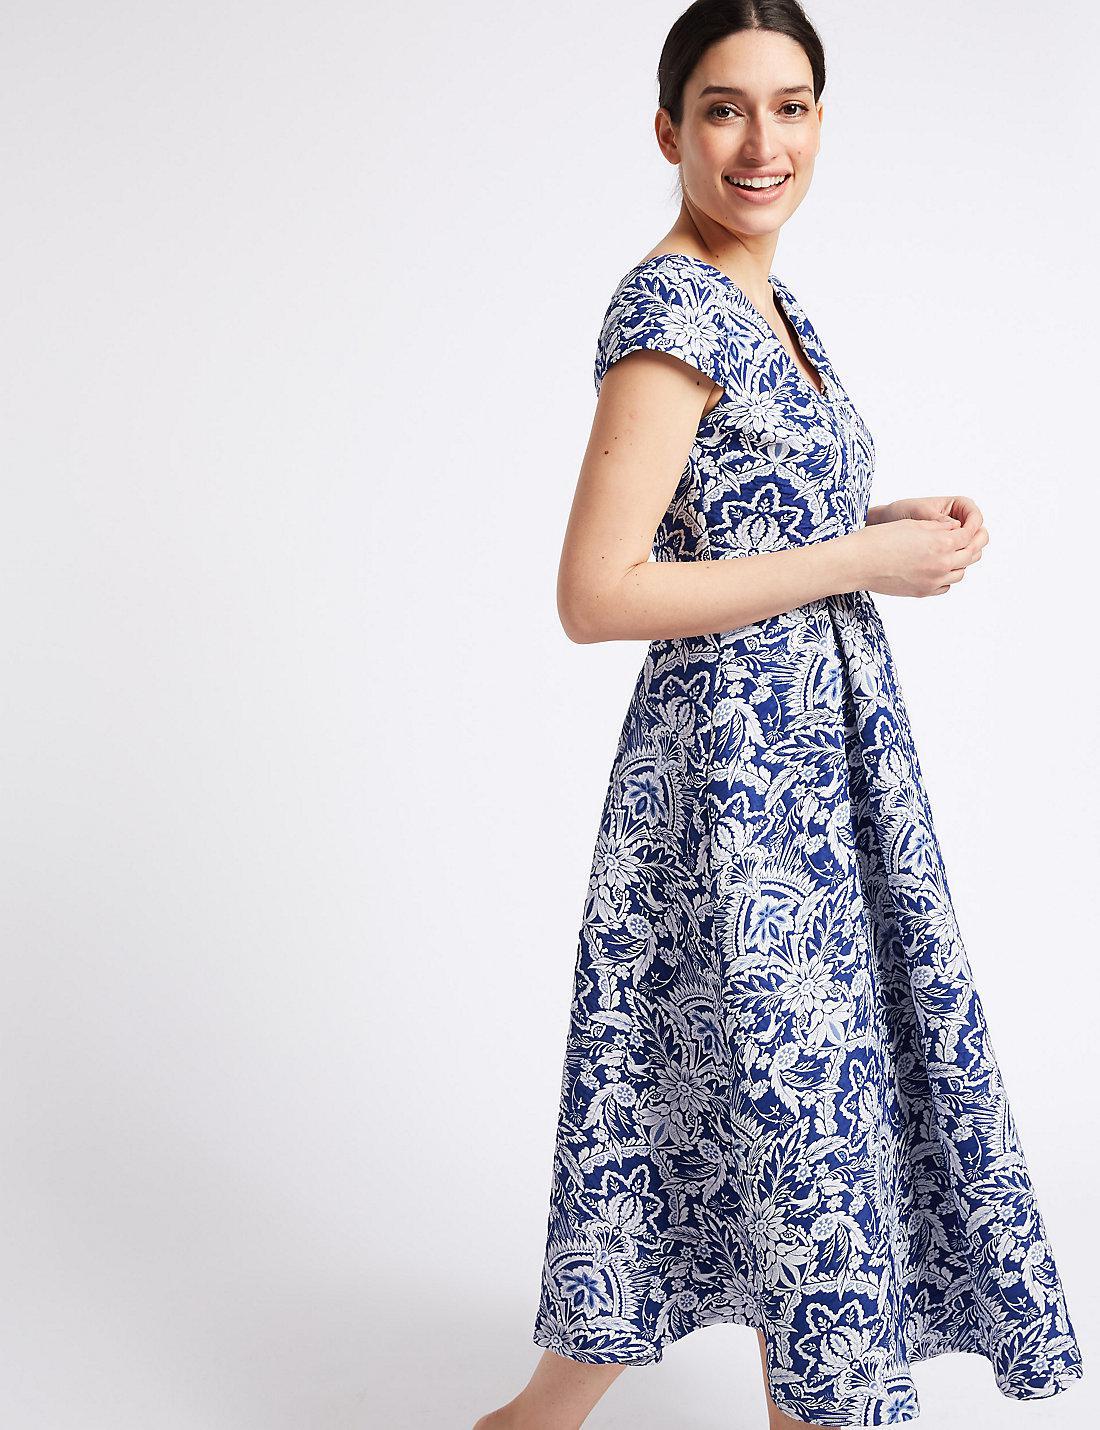 Fein Prom Kleider Doncaster Fotos - Hochzeit Kleid Stile Ideen ...